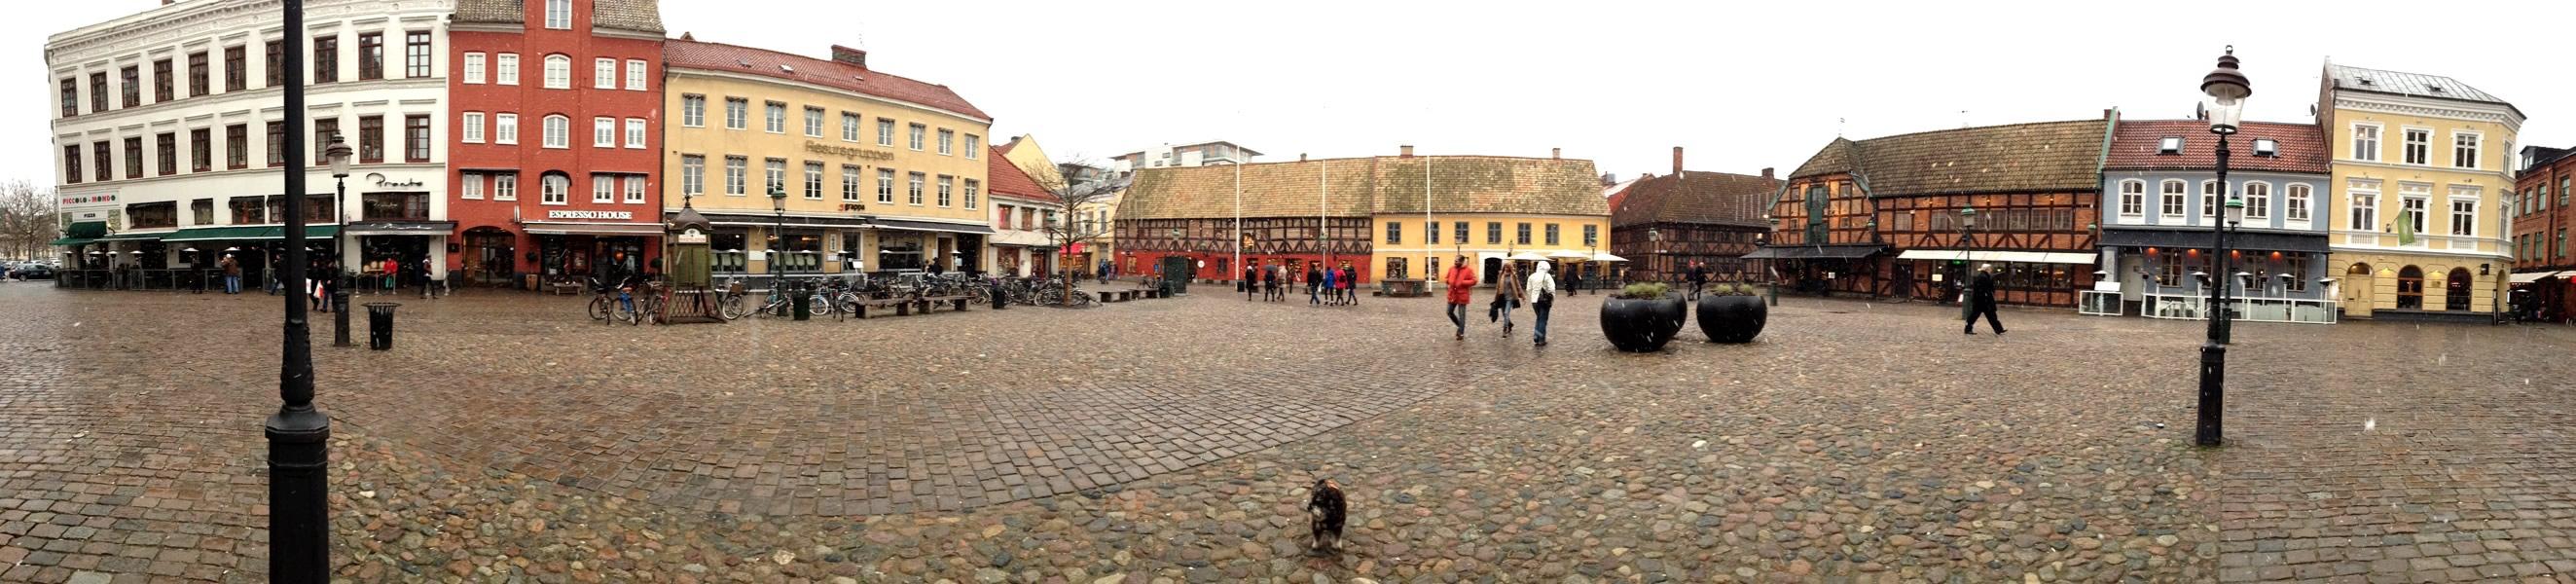 Lilla Torg in Malmo Sweden